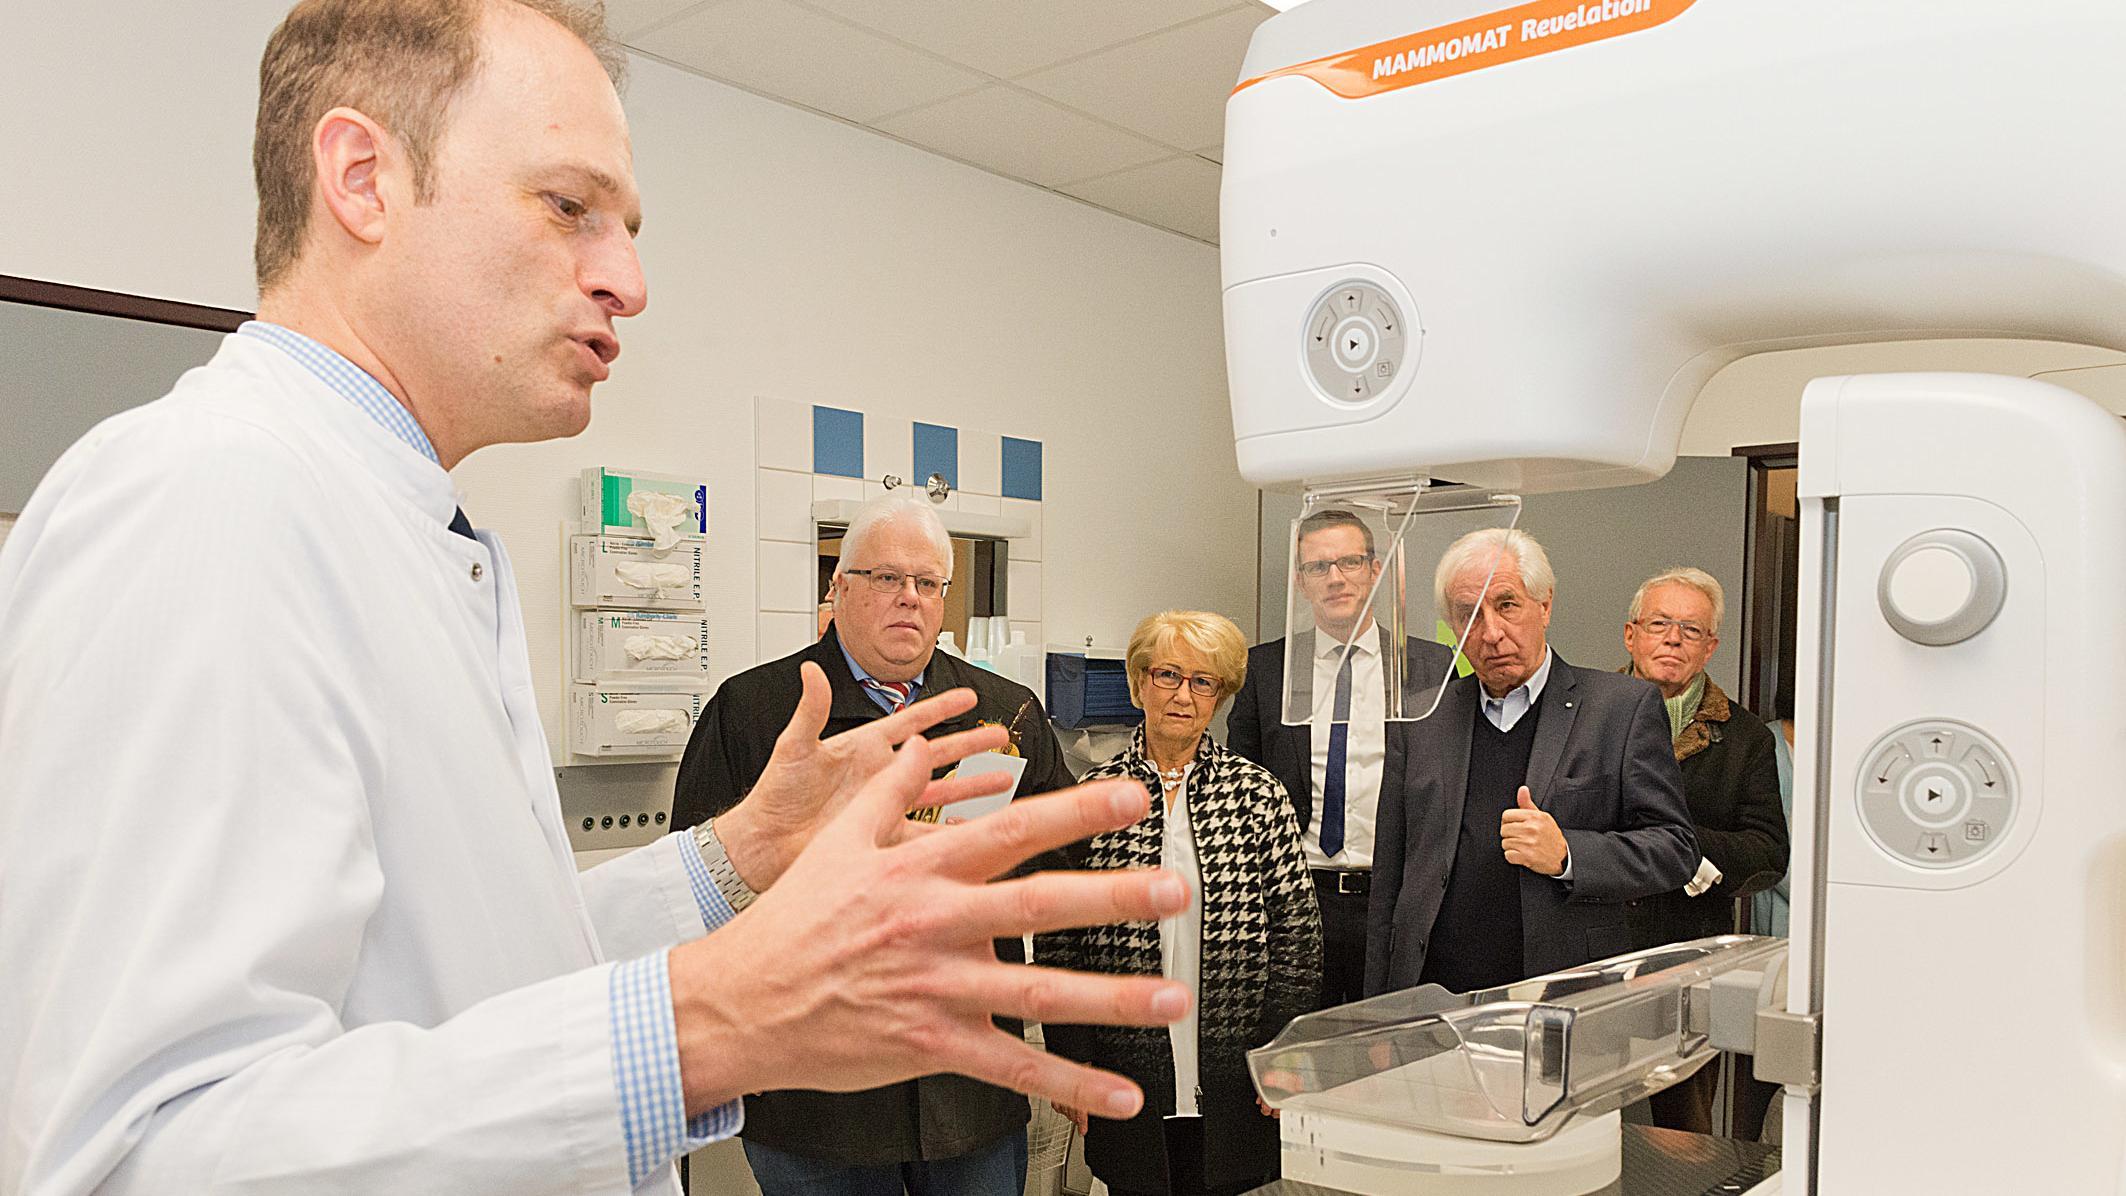 Die neue Mammographie-Anlage am Augsburger Klinikum.